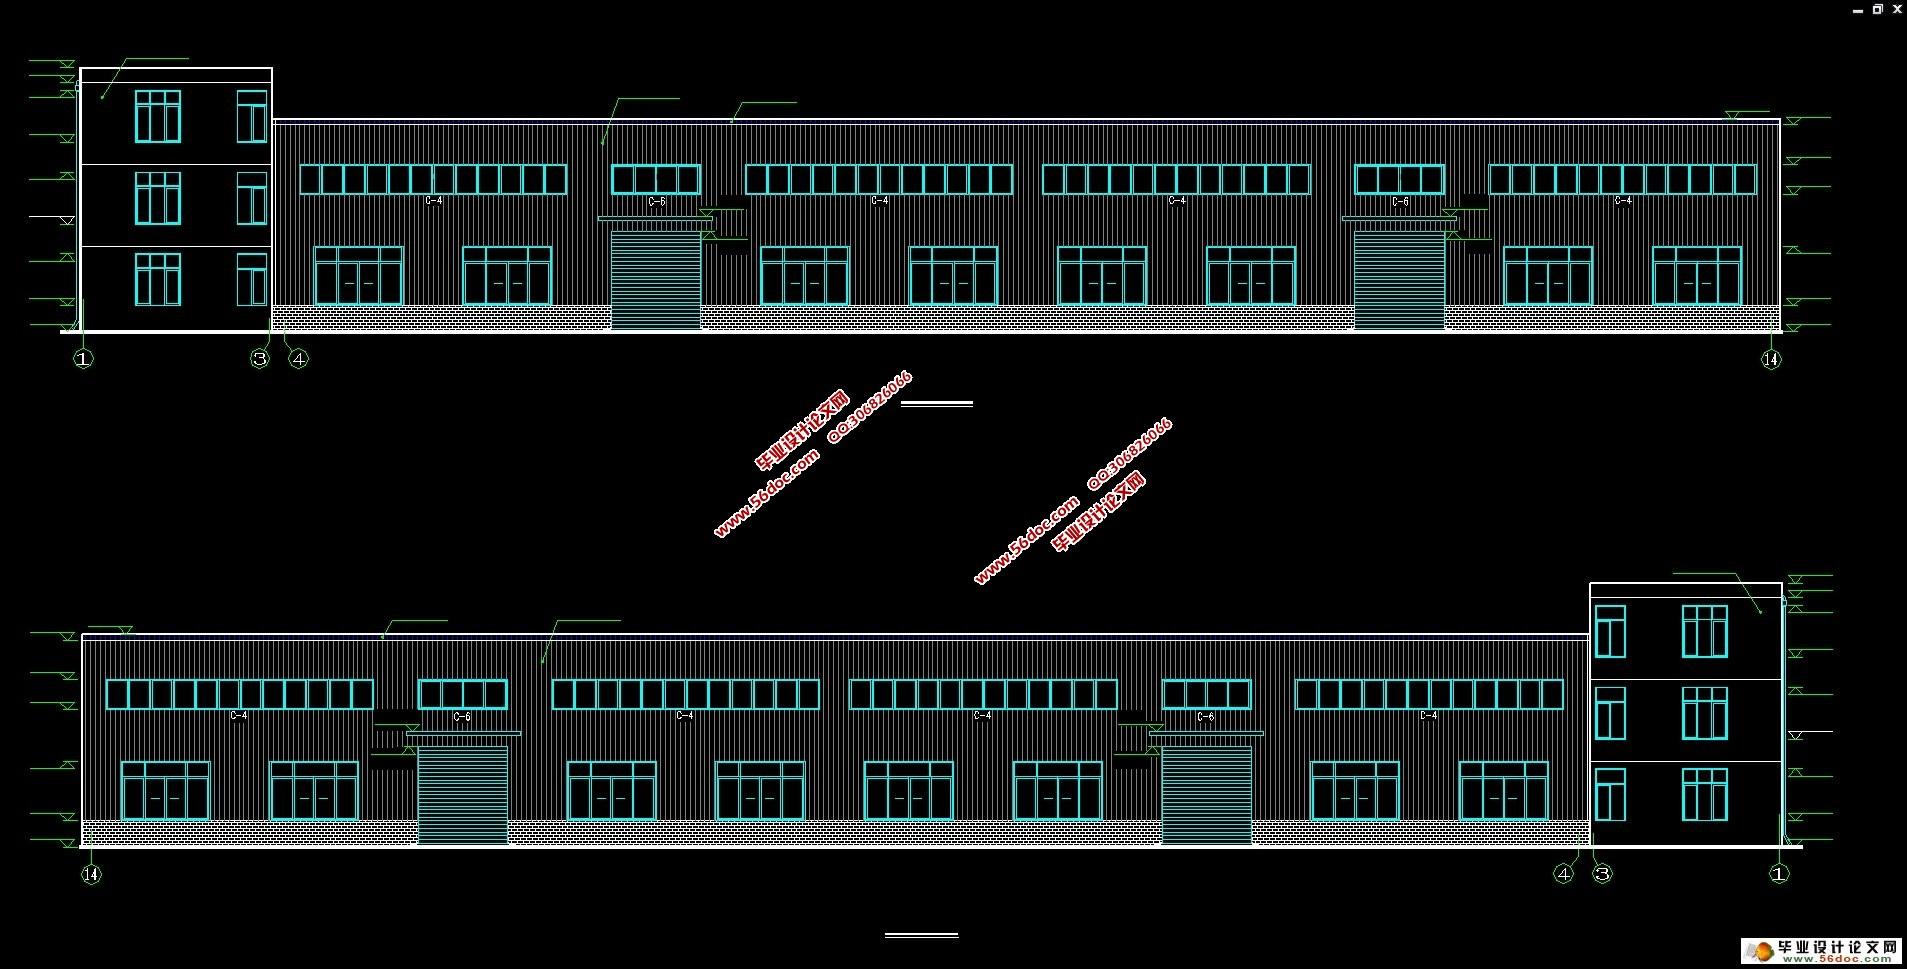 单层双跨(门式刚架)轻型钢结构工业厂房设计(建筑图,结构图)